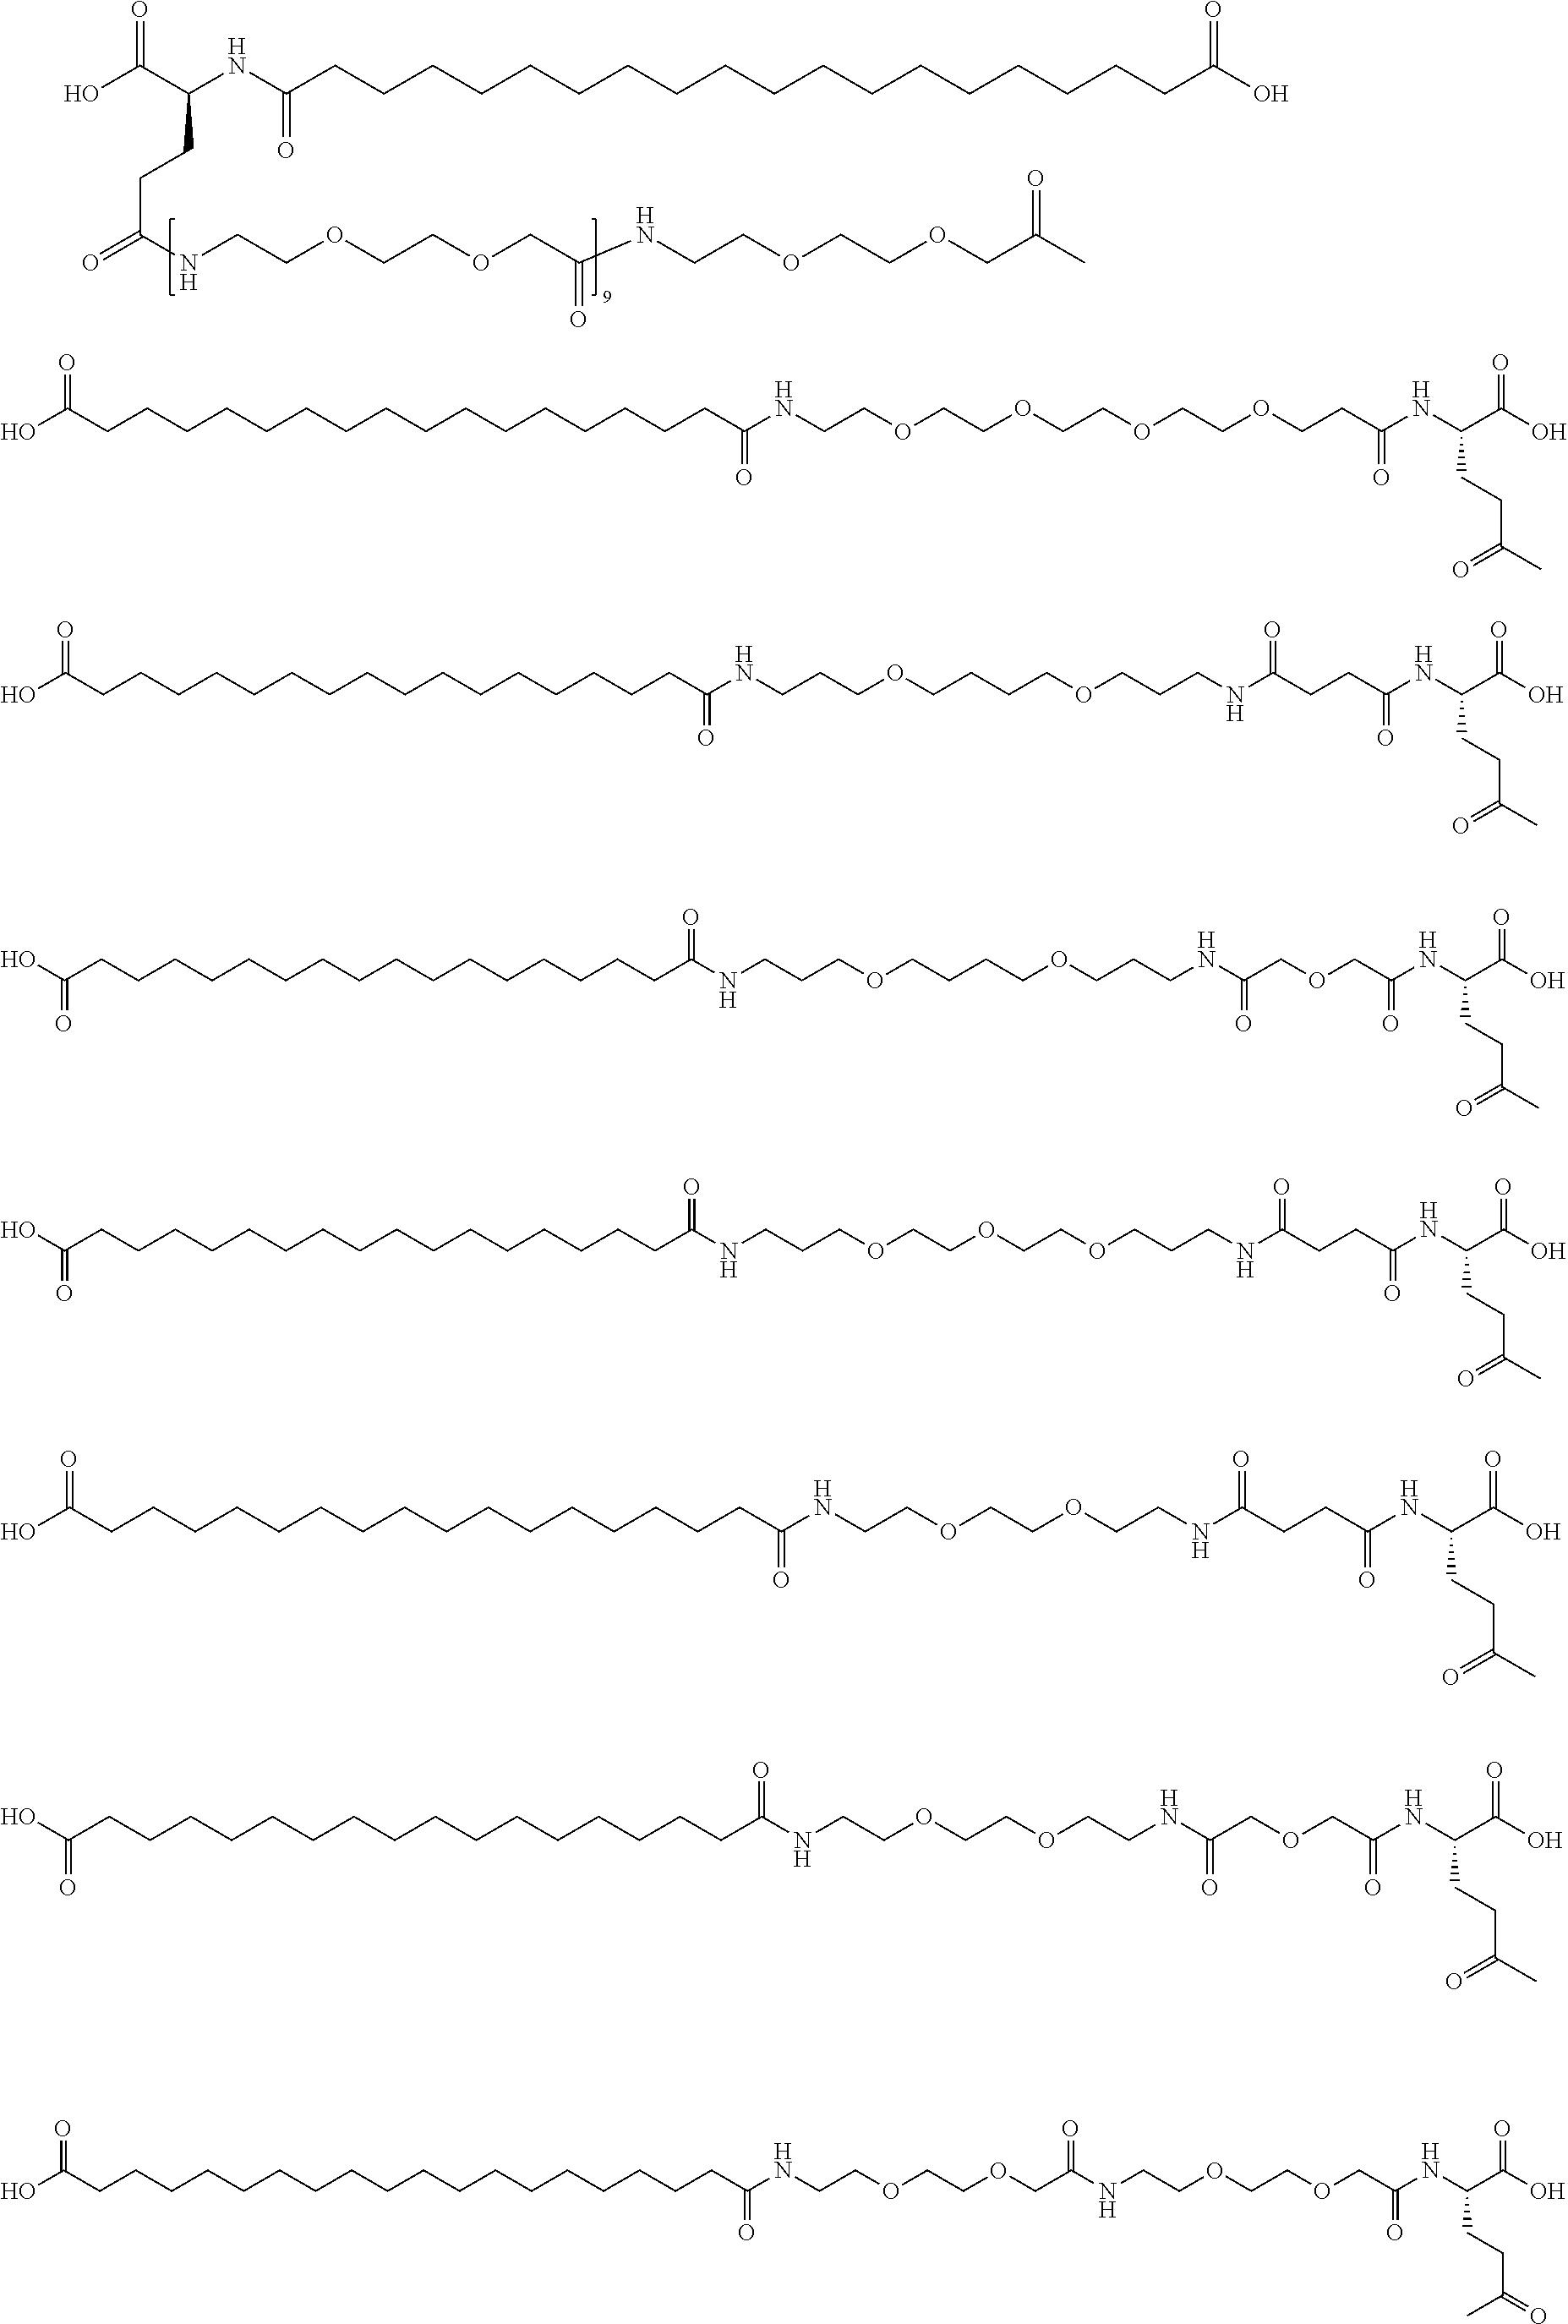 Figure US20180000742A1-20180104-C00018